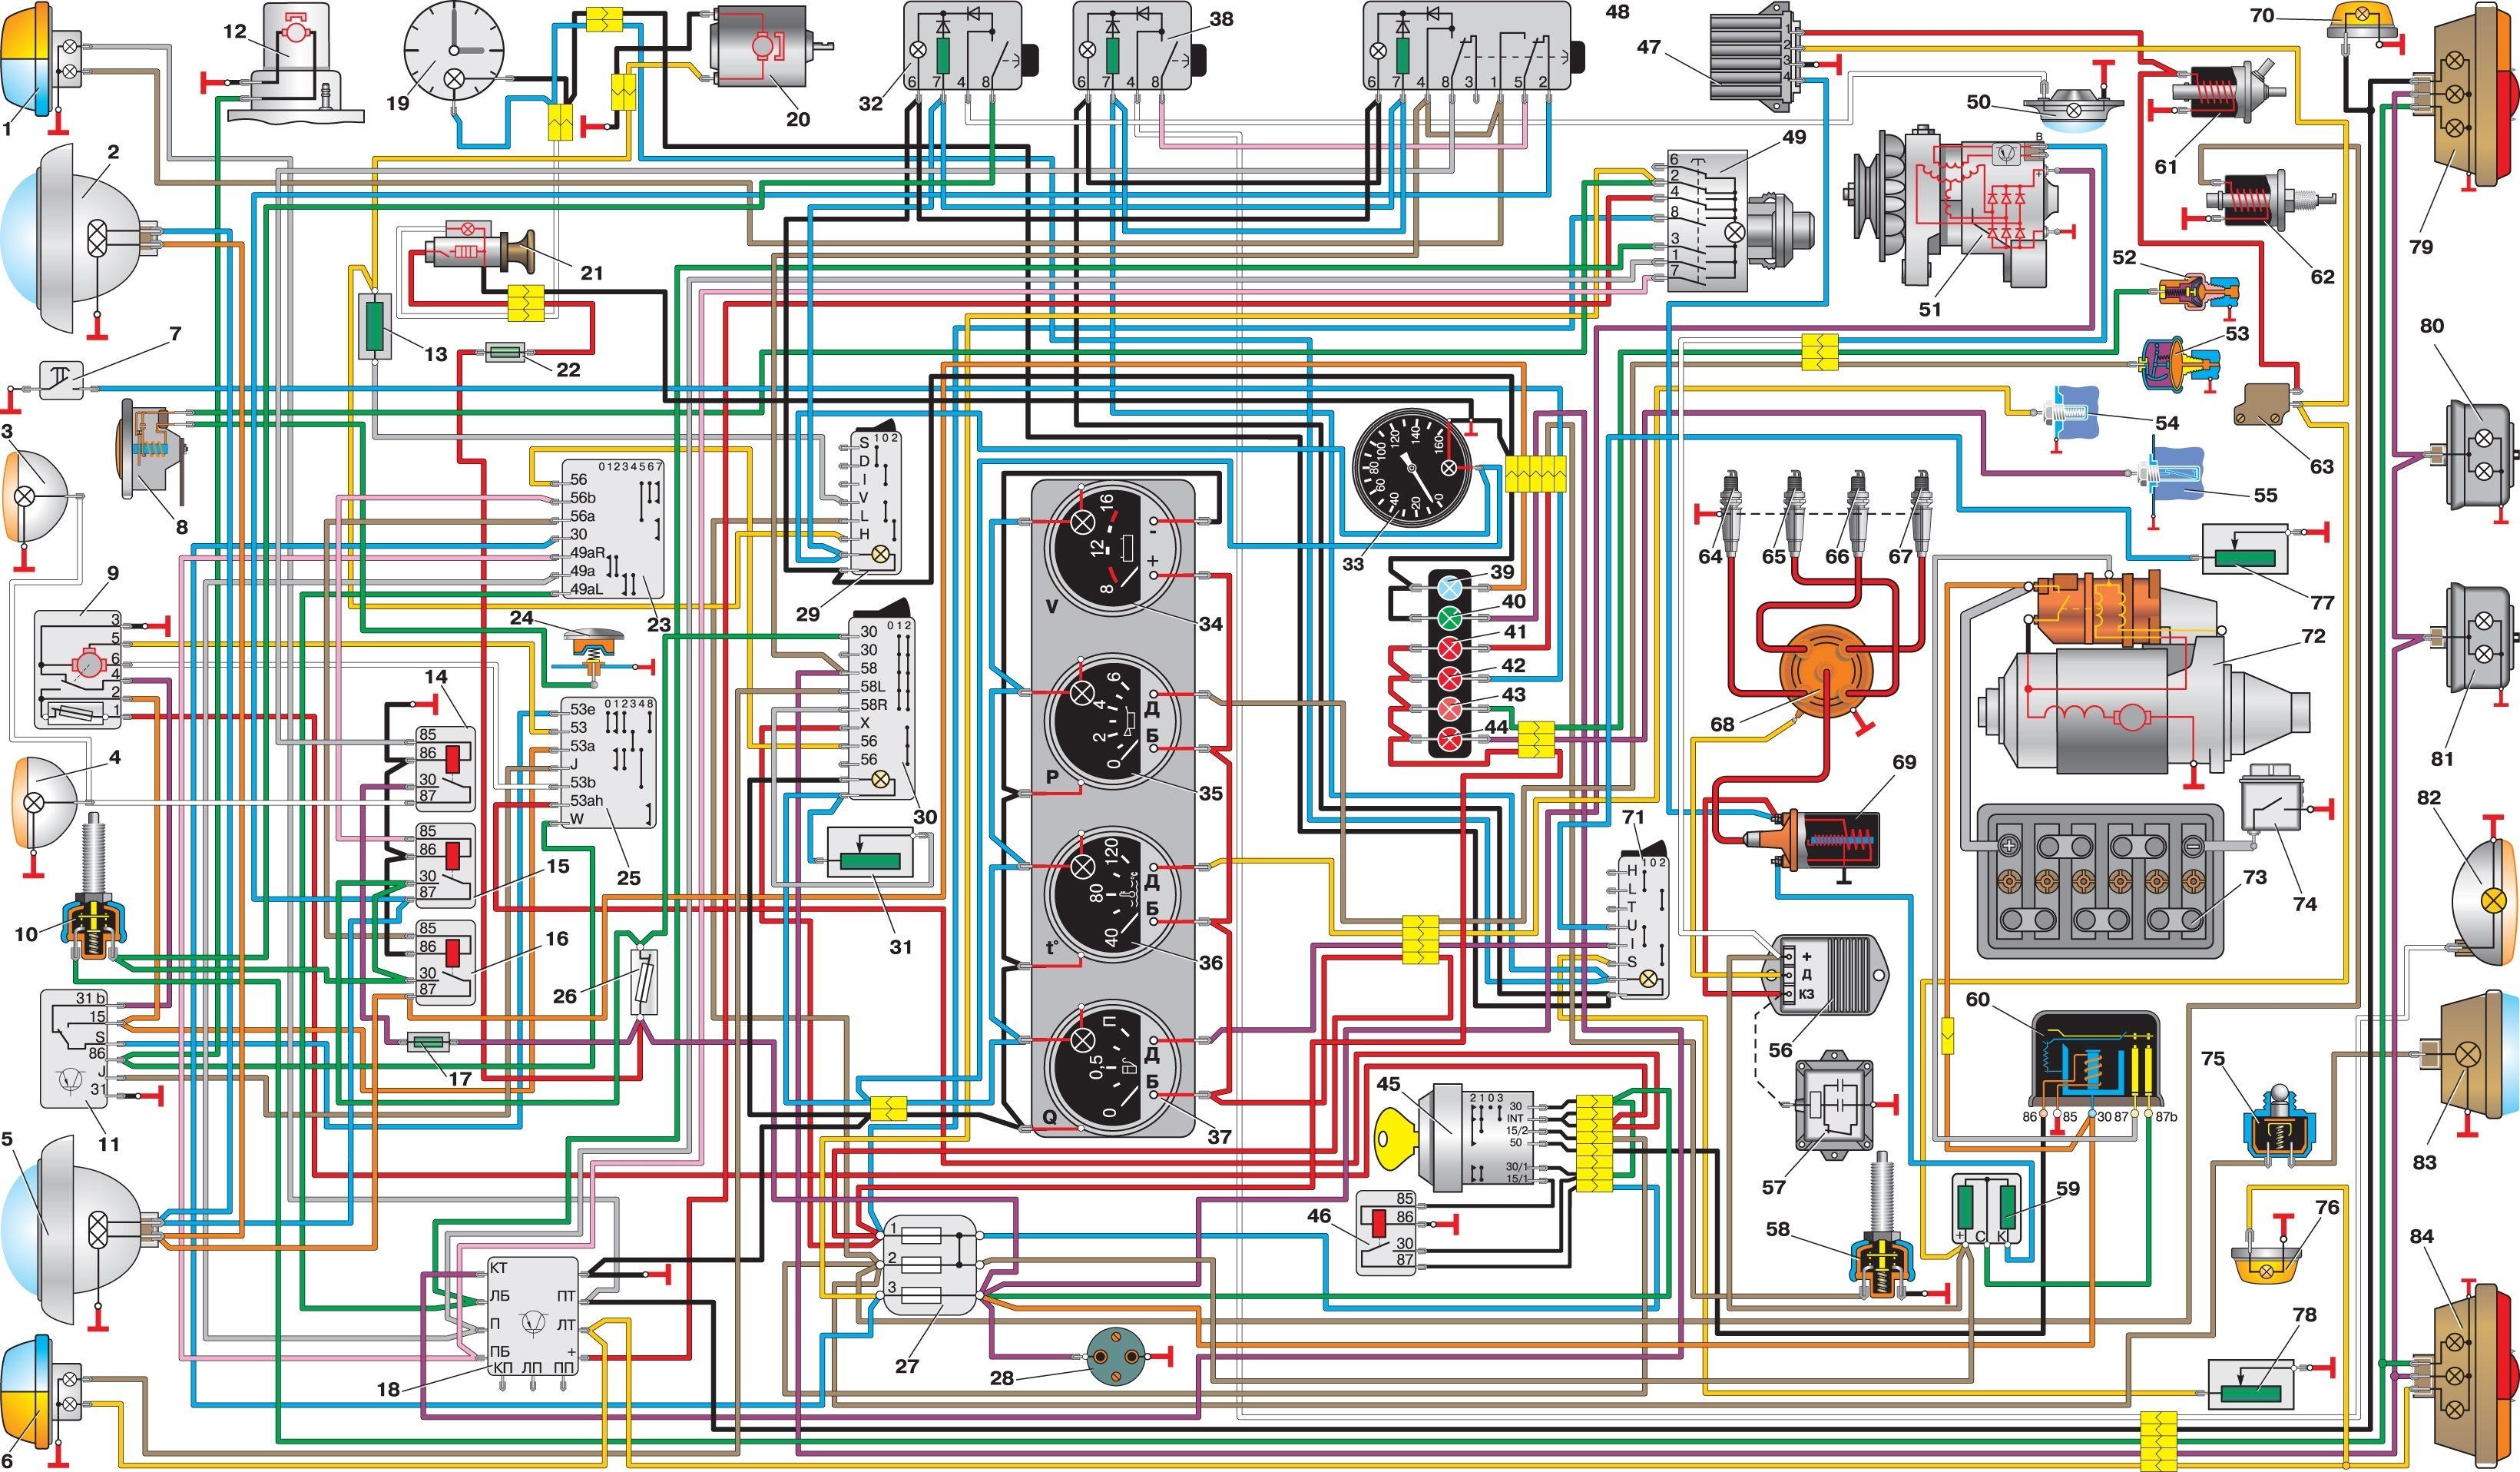 История и машины автозаводов ким мзма азлк и ижмаш 2141 схема стартера 1 2141 схема схема электропроводки стартера и...